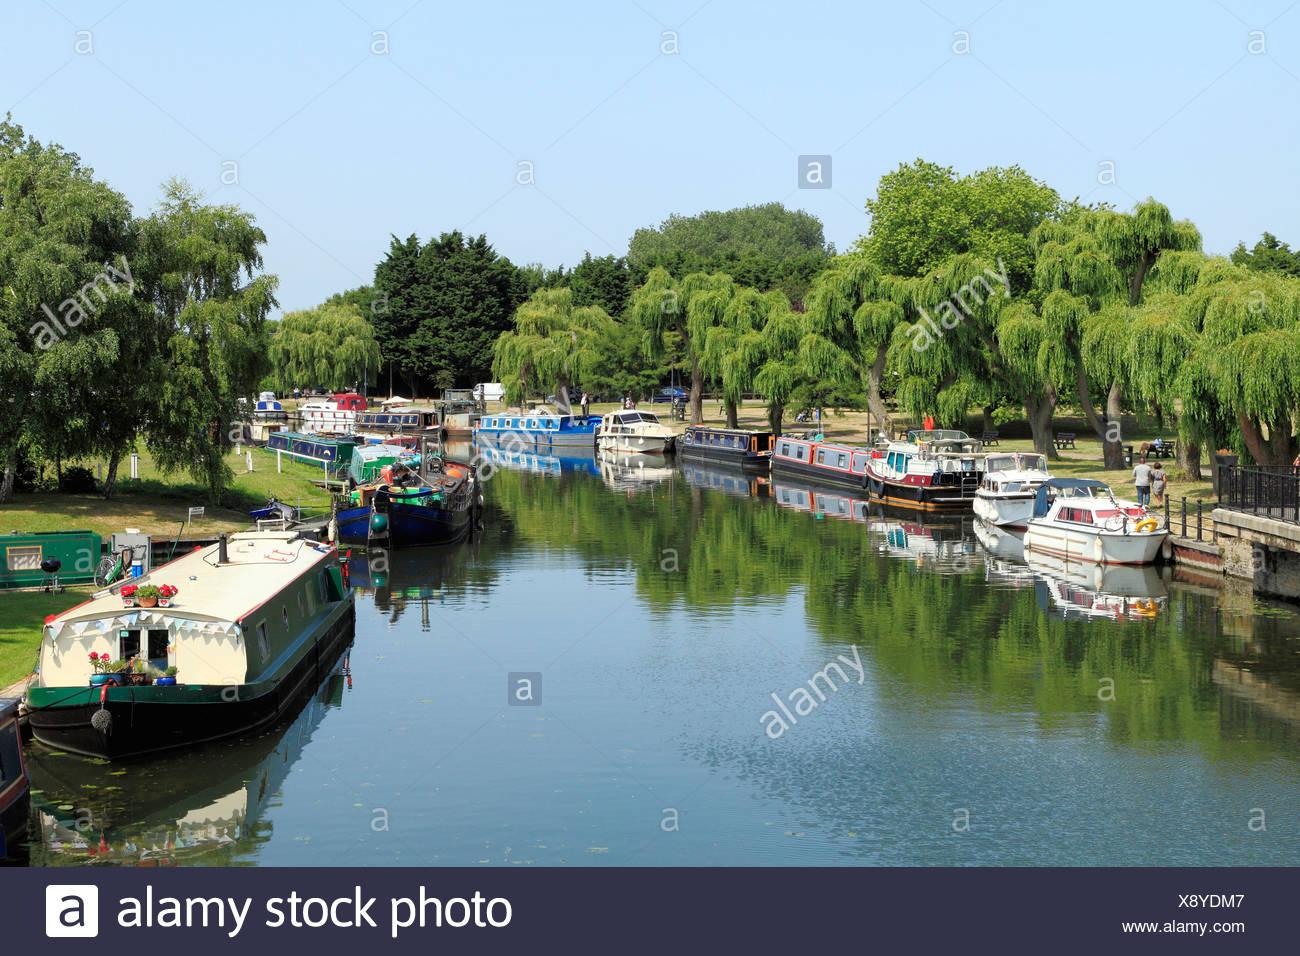 Ely, rivière Ouse, péniches et bateaux, rivières anglais riverside pubs inns pub, Cambridgeshire England UK Photo Stock